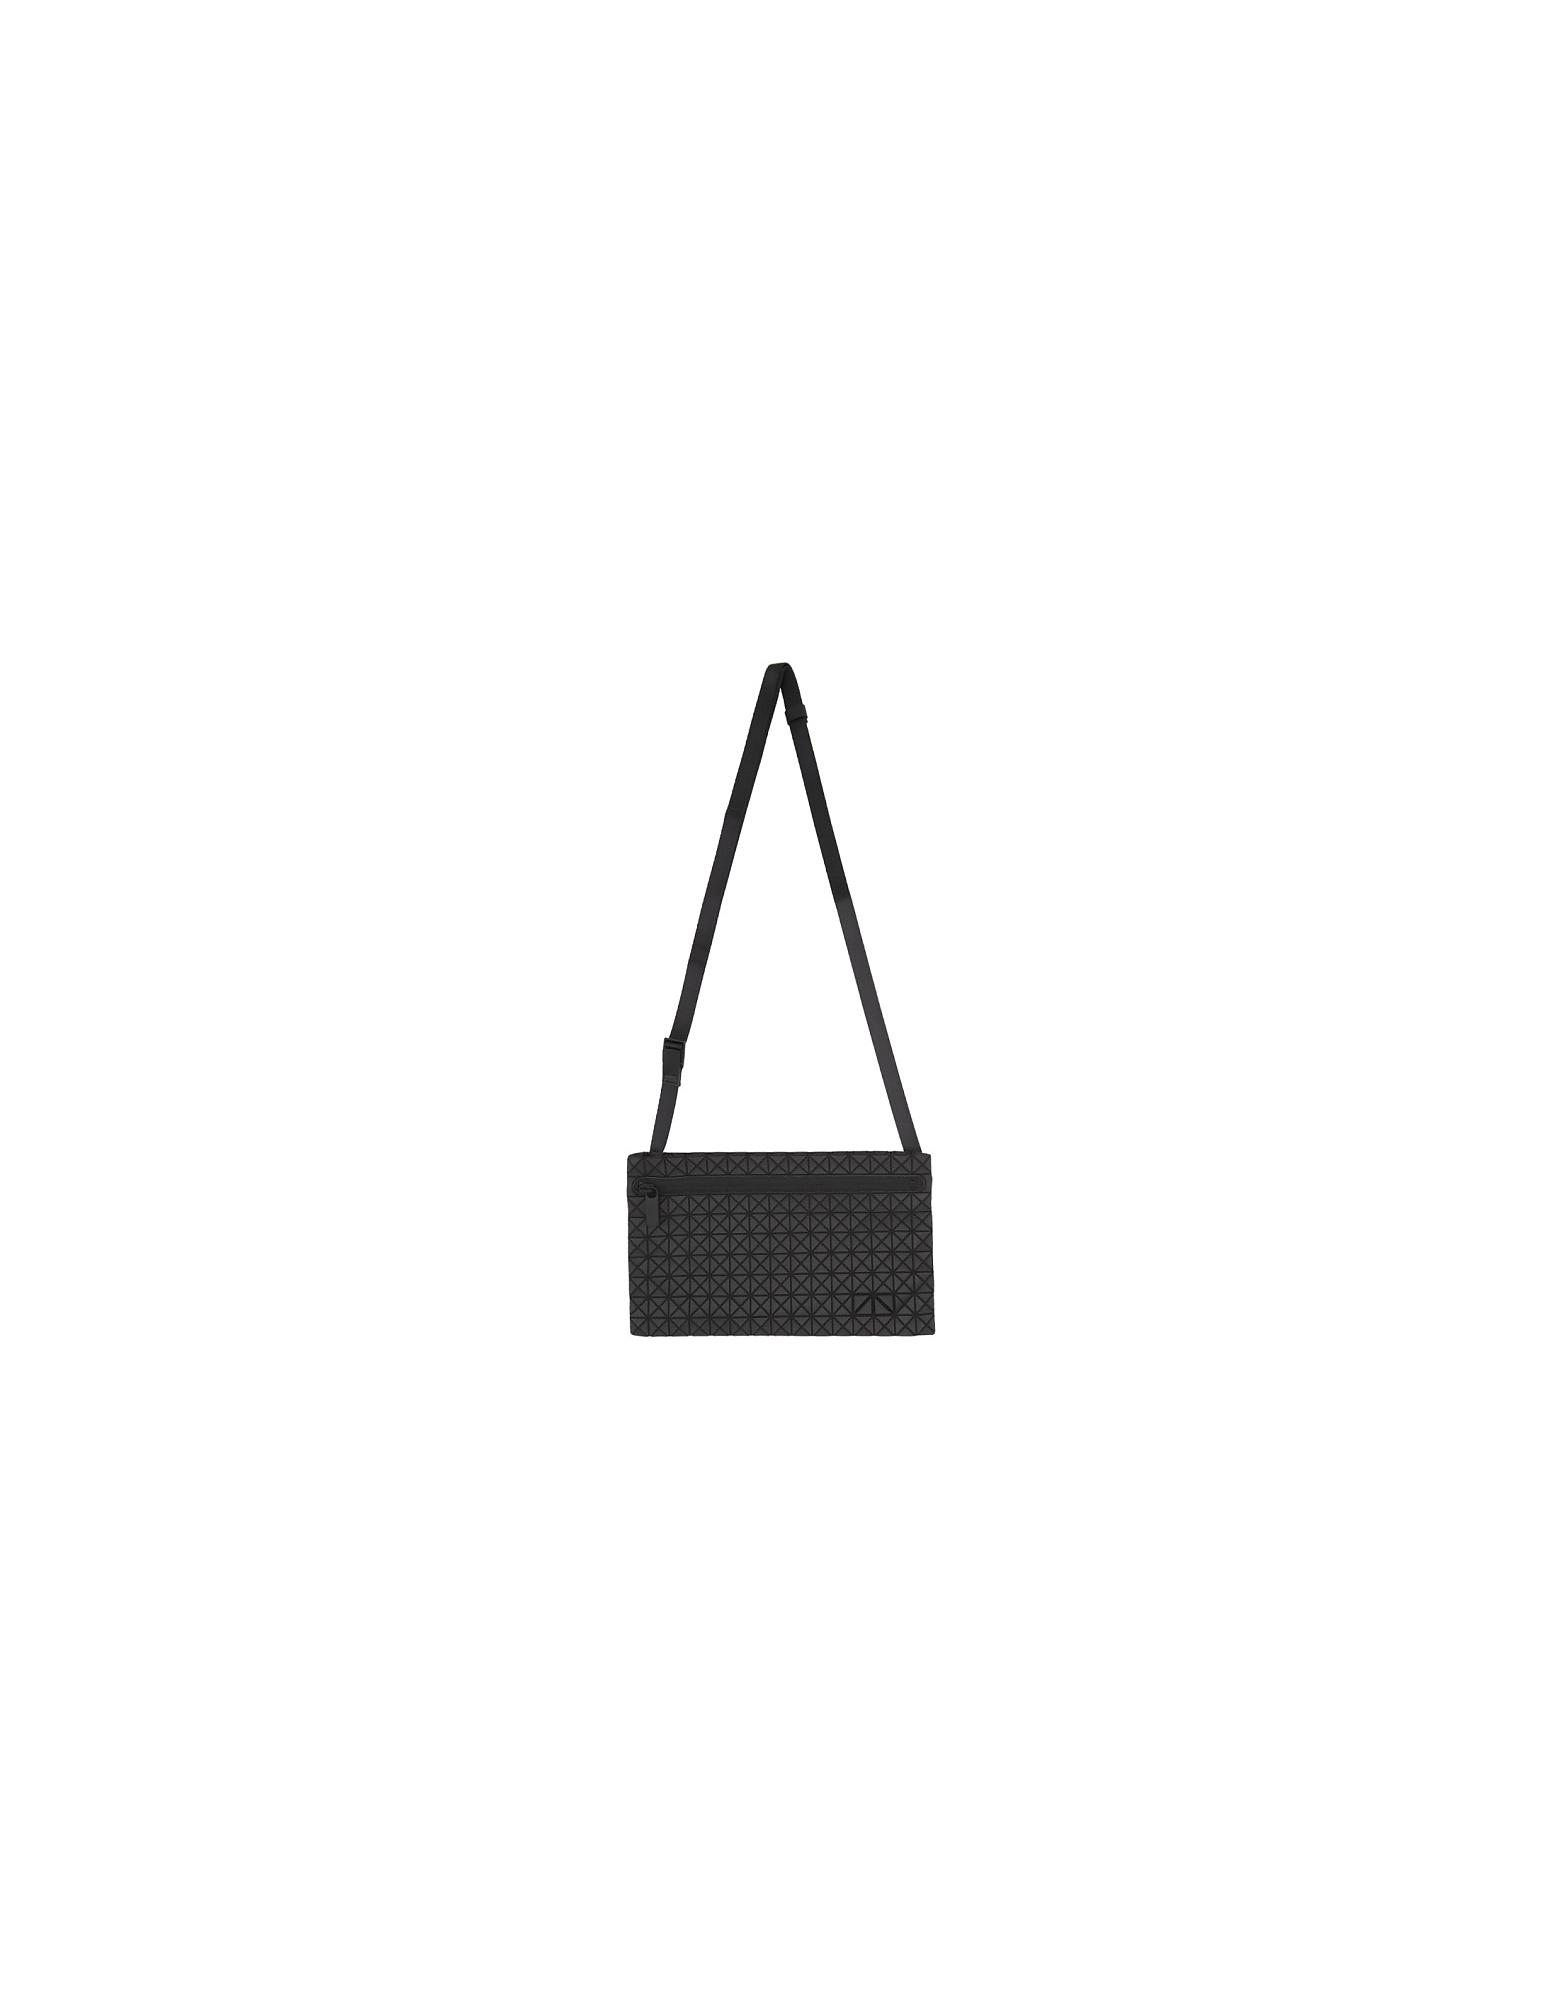 Issey Miyake Designer Handbags, Black Kuro Sash Pouch